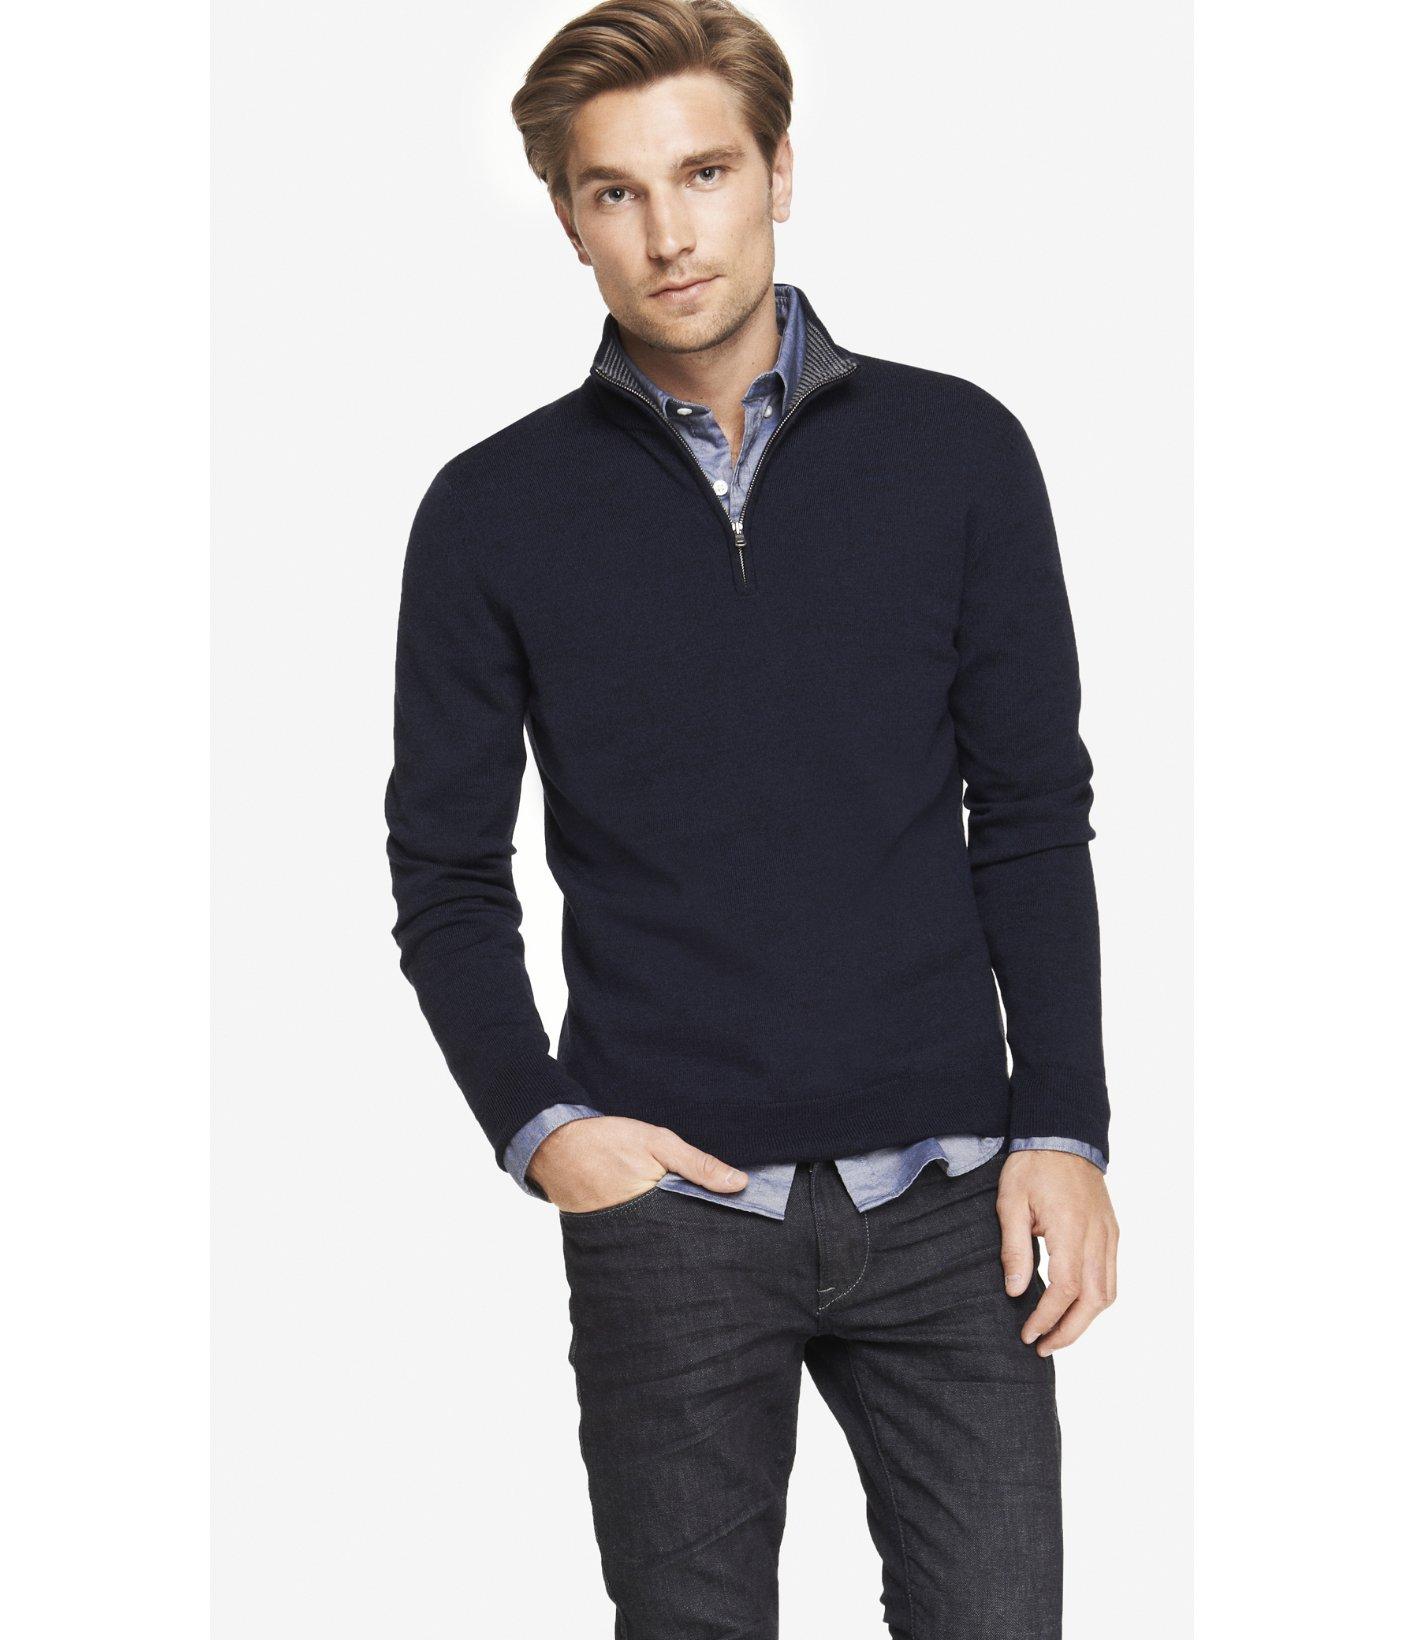 Merino Wool Zip Up Mock Neck Sweater 83